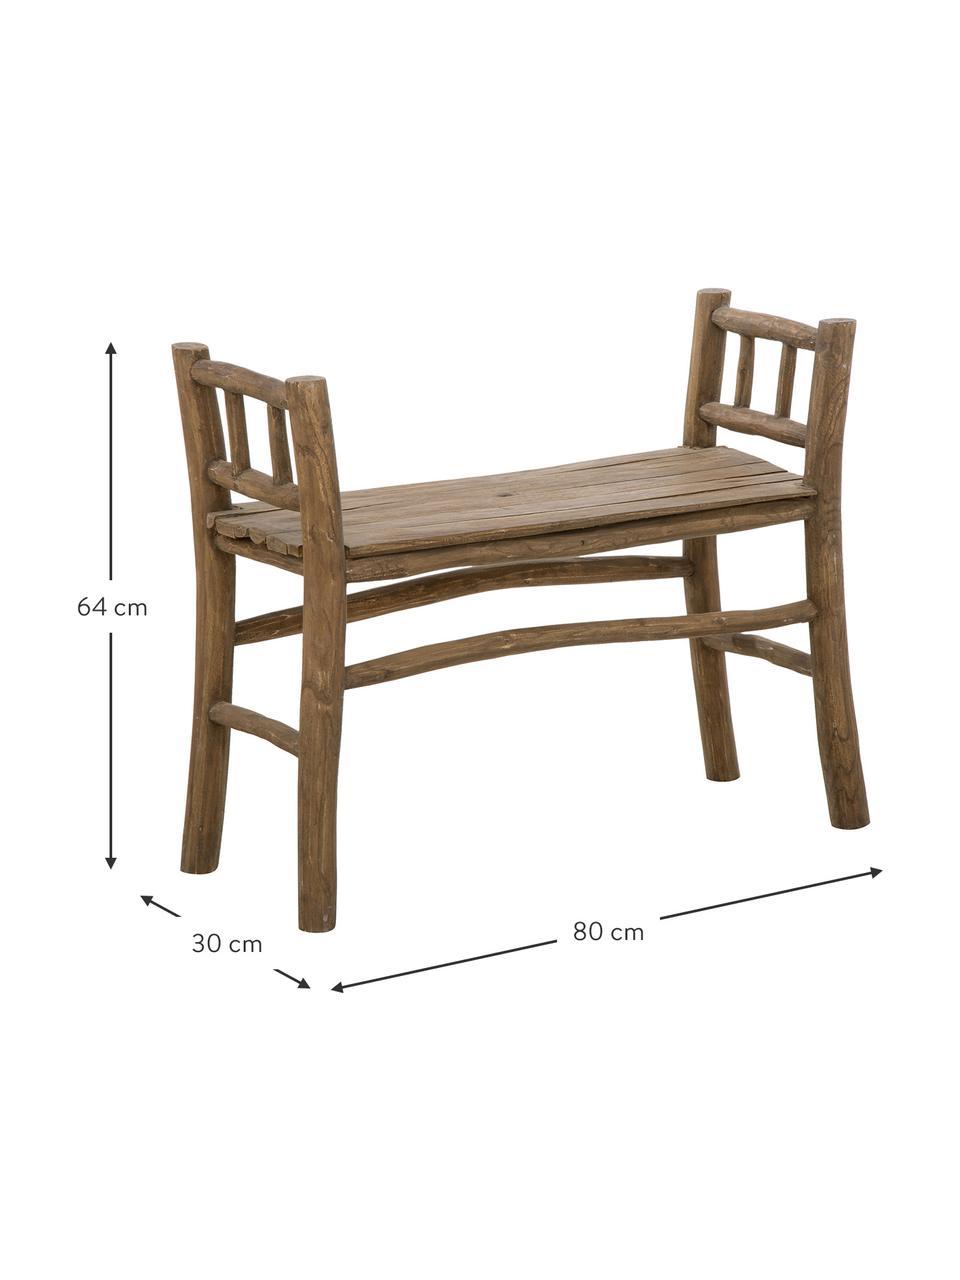 Panchina in legno di teak Beachside, Legno di teak, finitura naturale, Teak, Larg. 80 x Alt. 64 cm